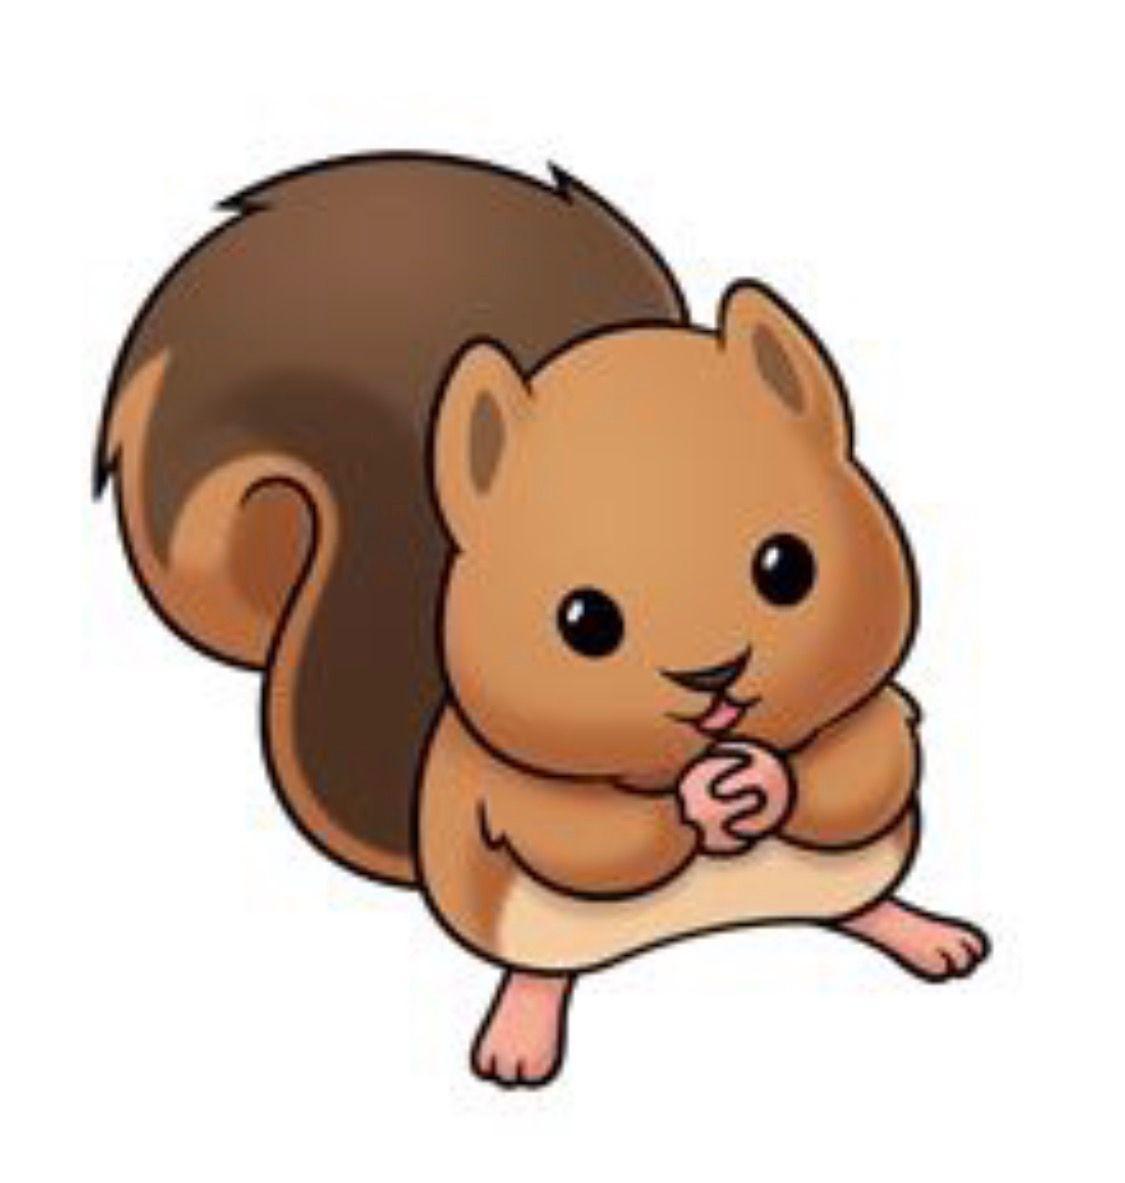 Chipmunk clipart cute, Picture #182695 chipmunk clipart cute.